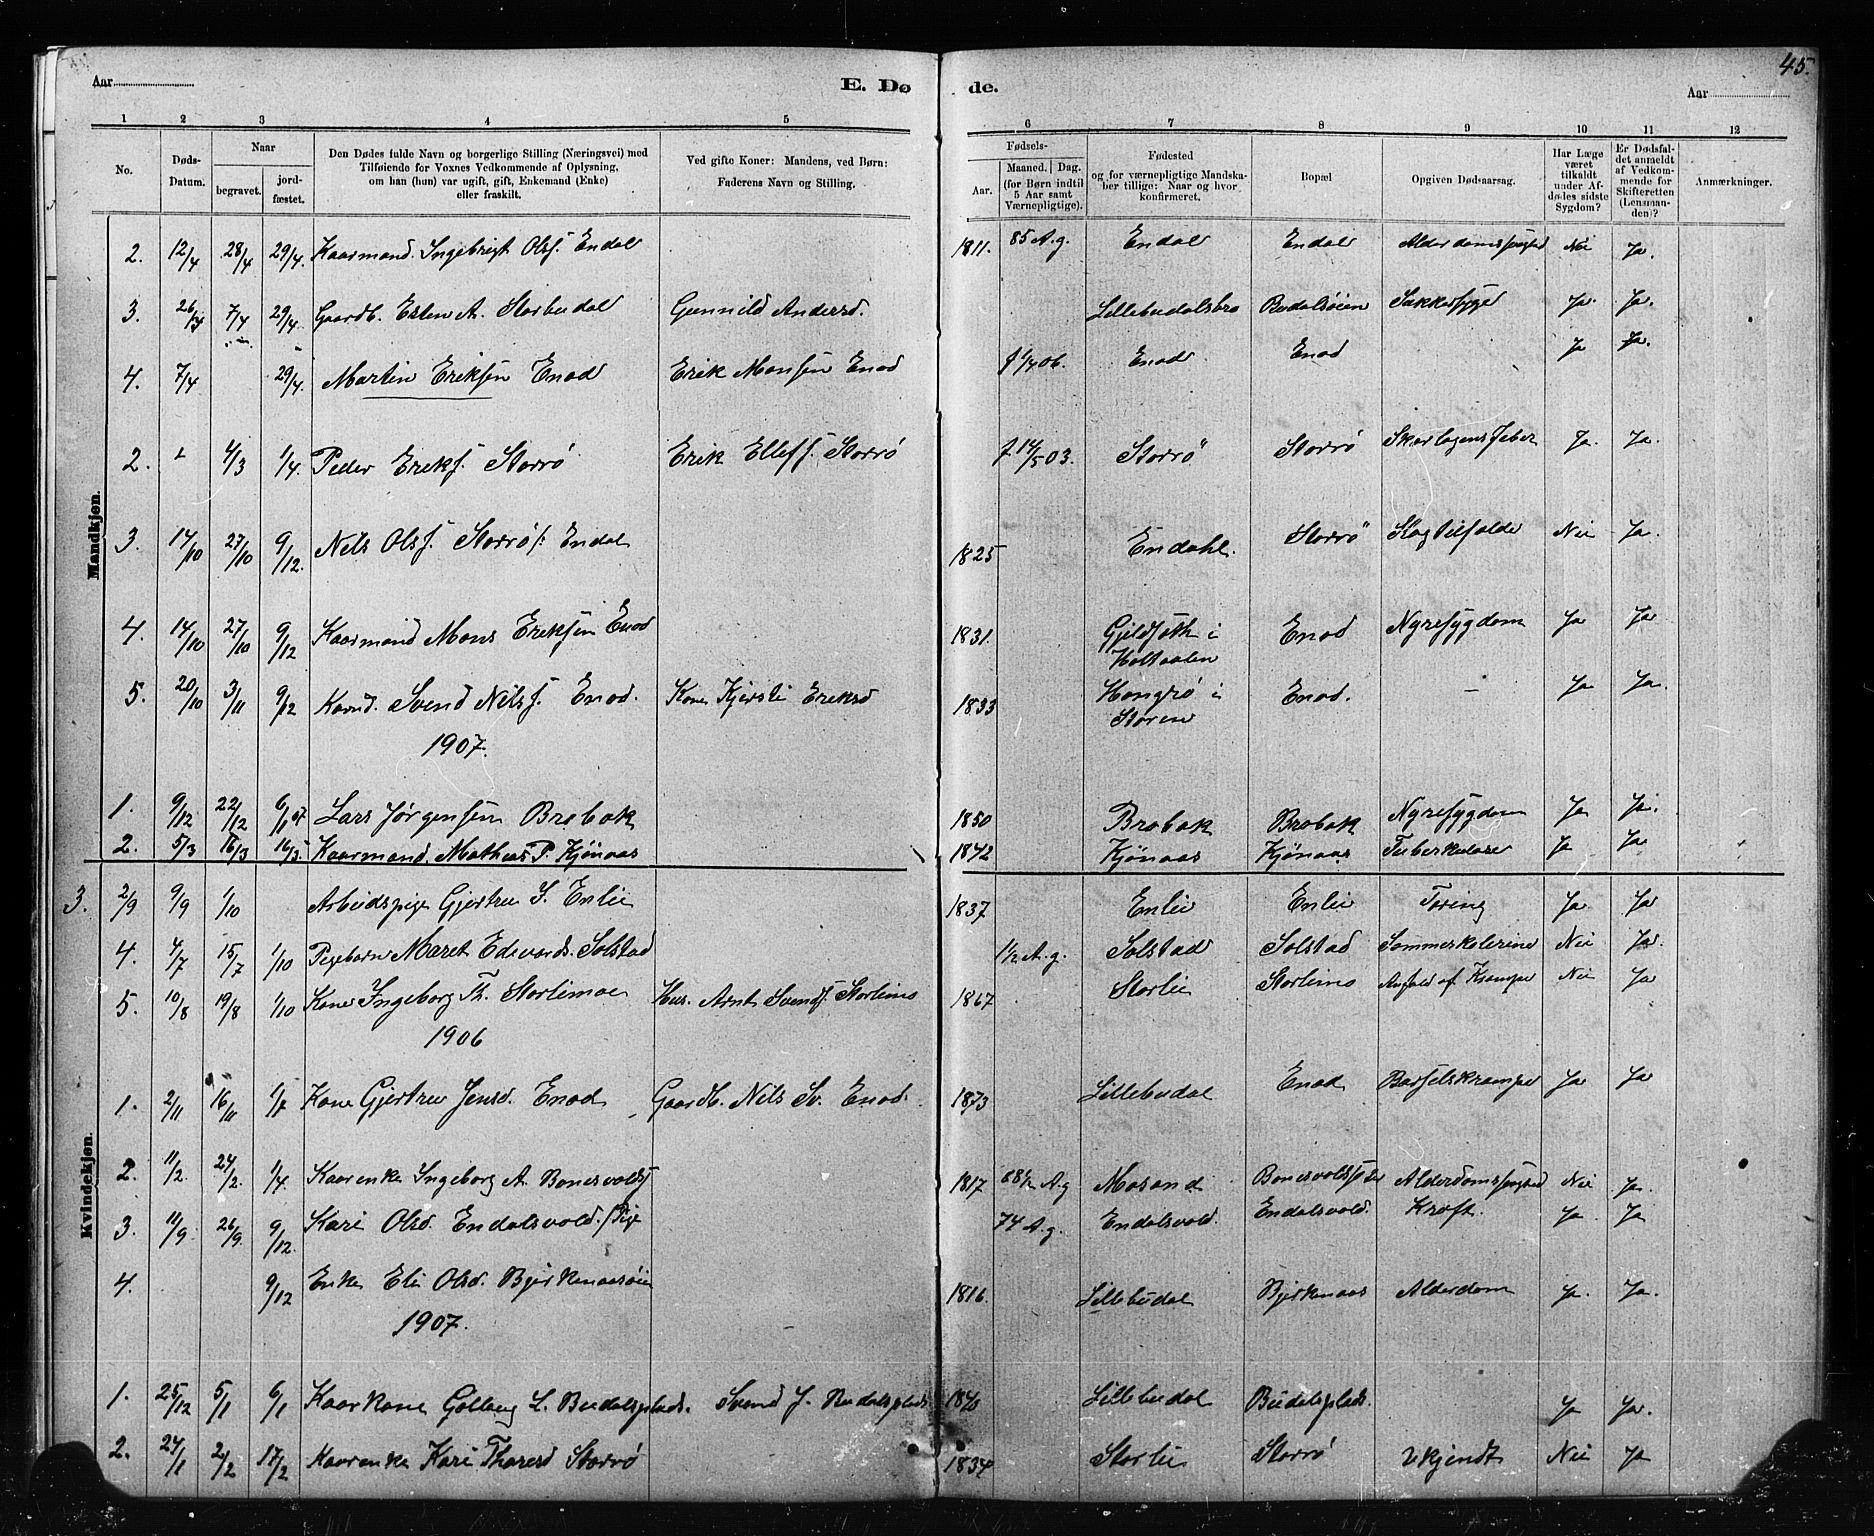 SAT, Ministerialprotokoller, klokkerbøker og fødselsregistre - Sør-Trøndelag, 690/L1051: Klokkerbok nr. 690C01, 1887-1908, s. 45